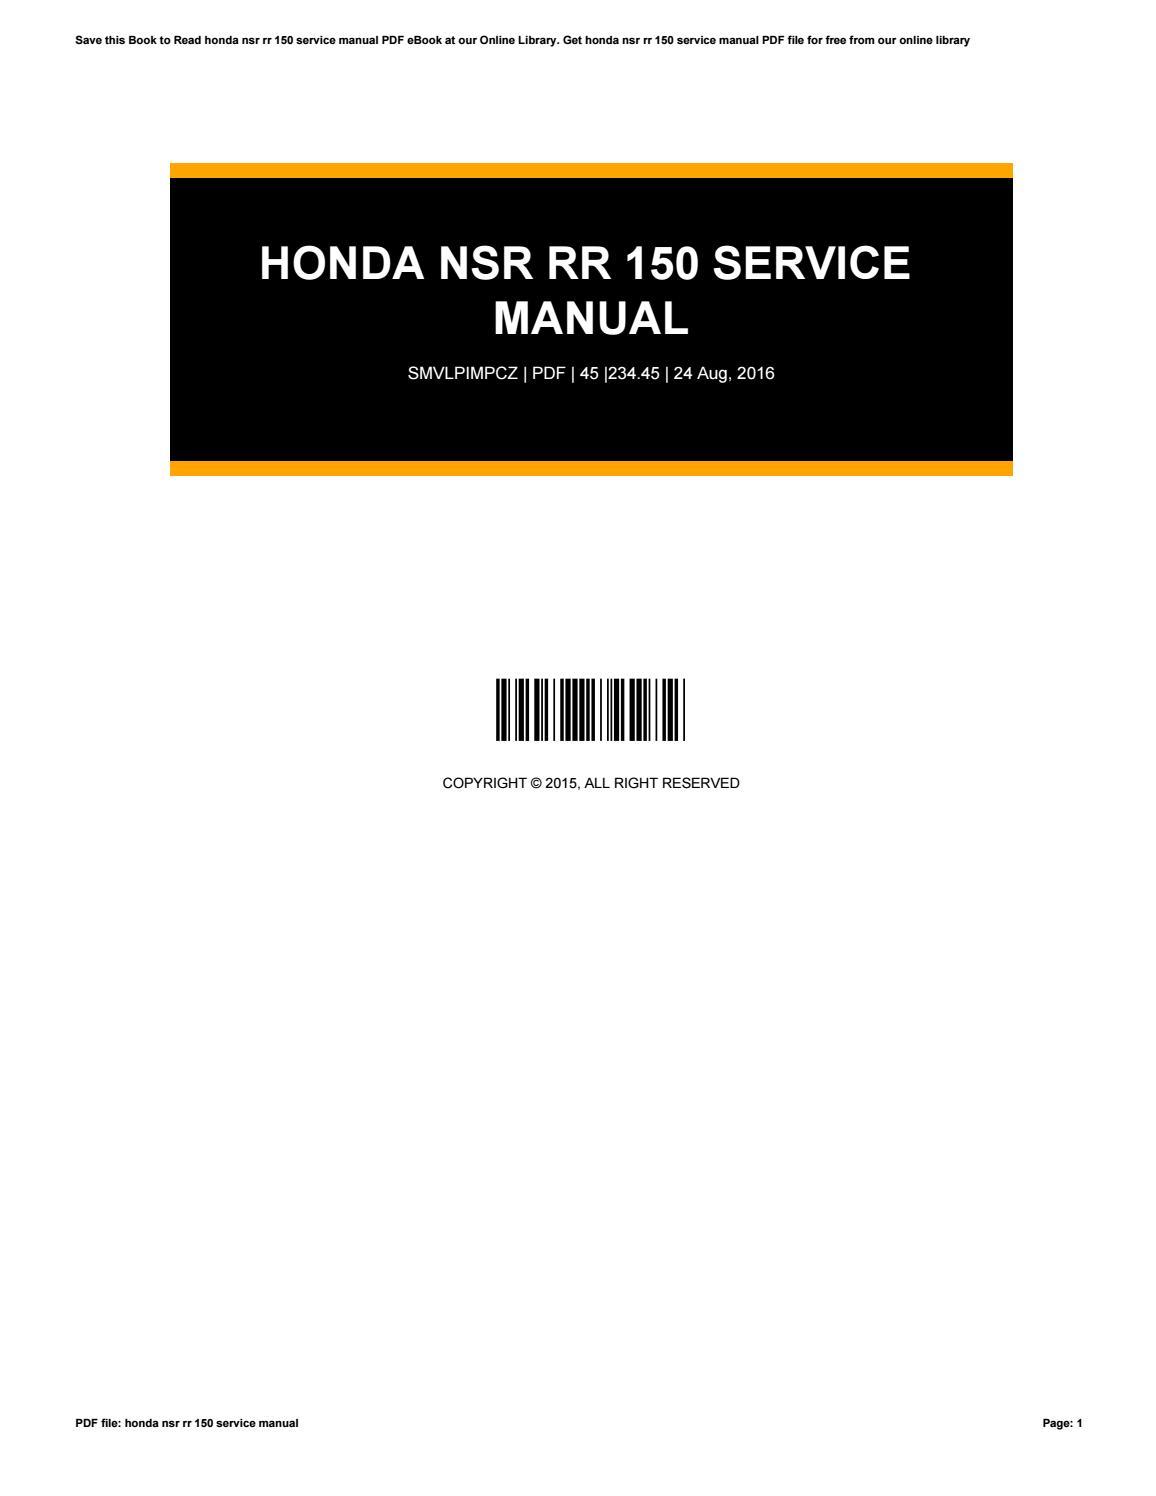 Array - honda nsr manual ebook  rh   honda nsr manual ebook beginsyourtrip us